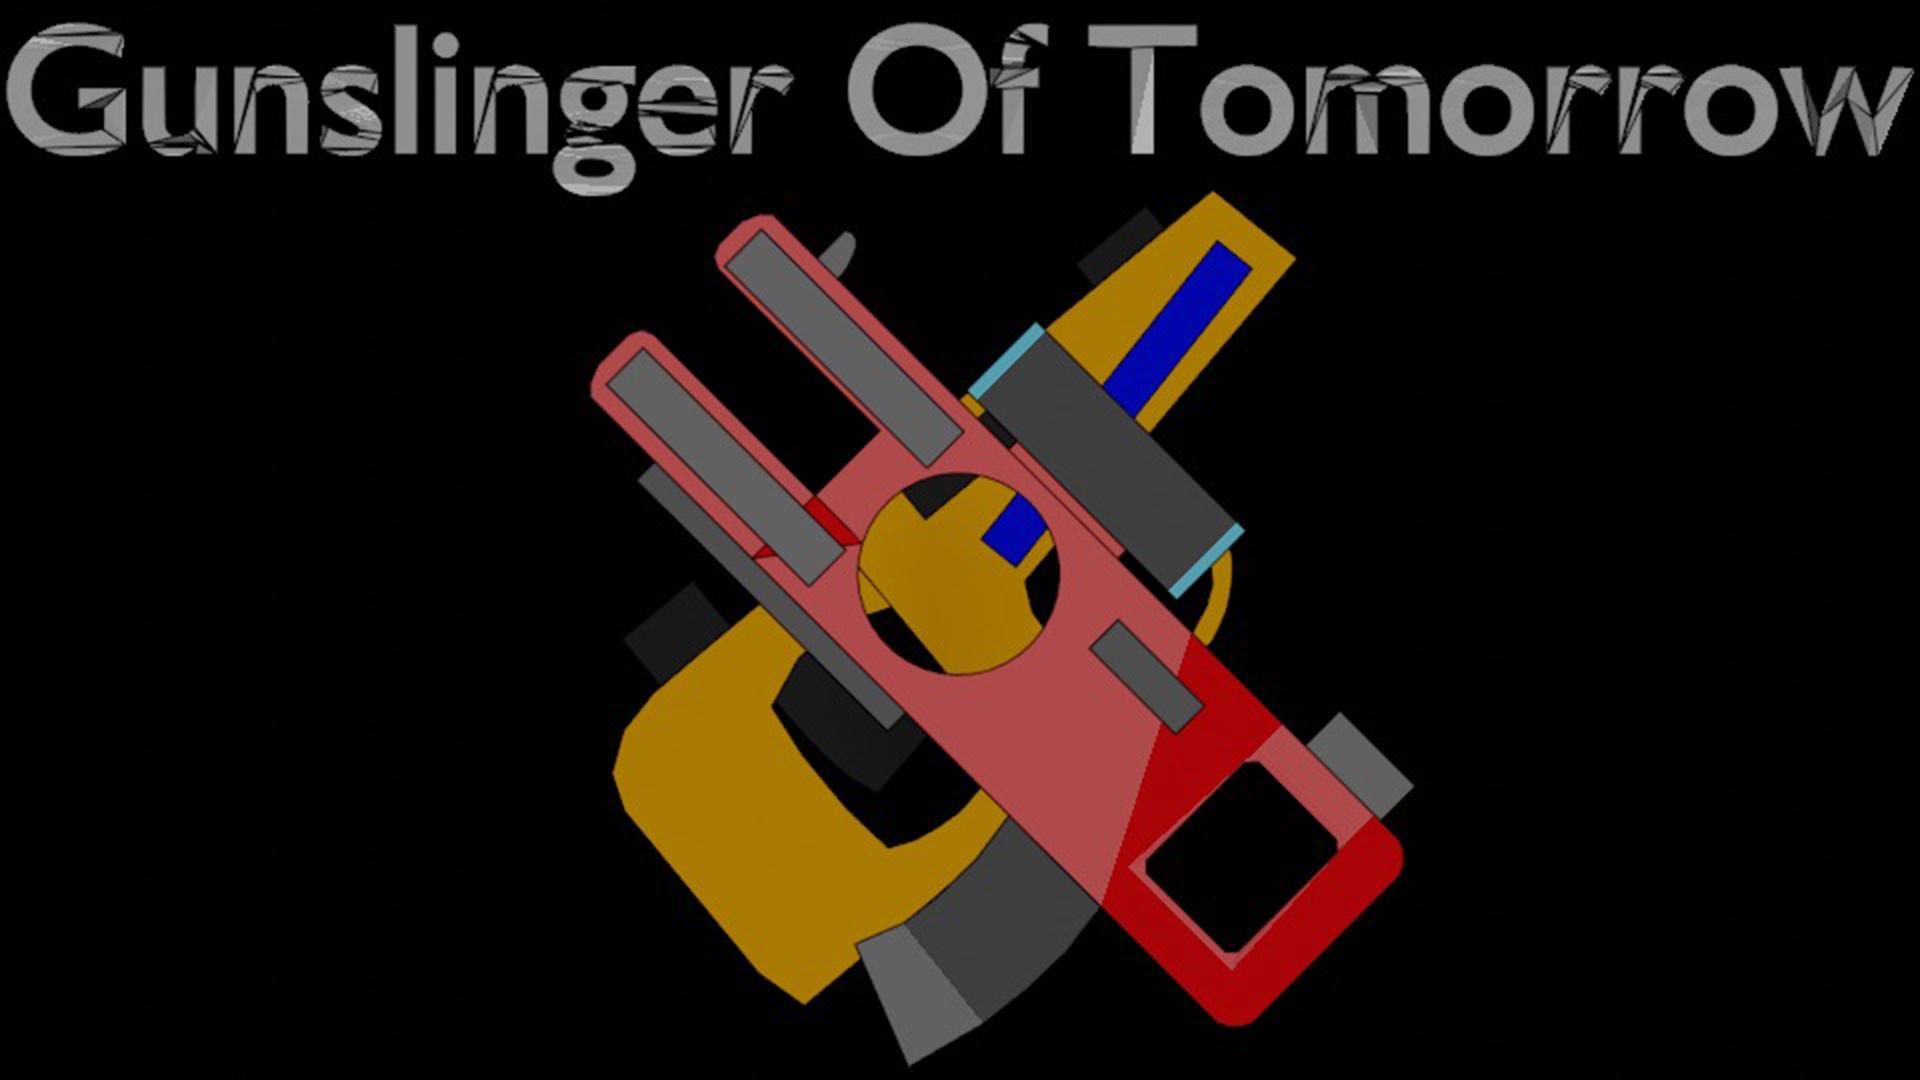 Gunslinger Of Tomorrow